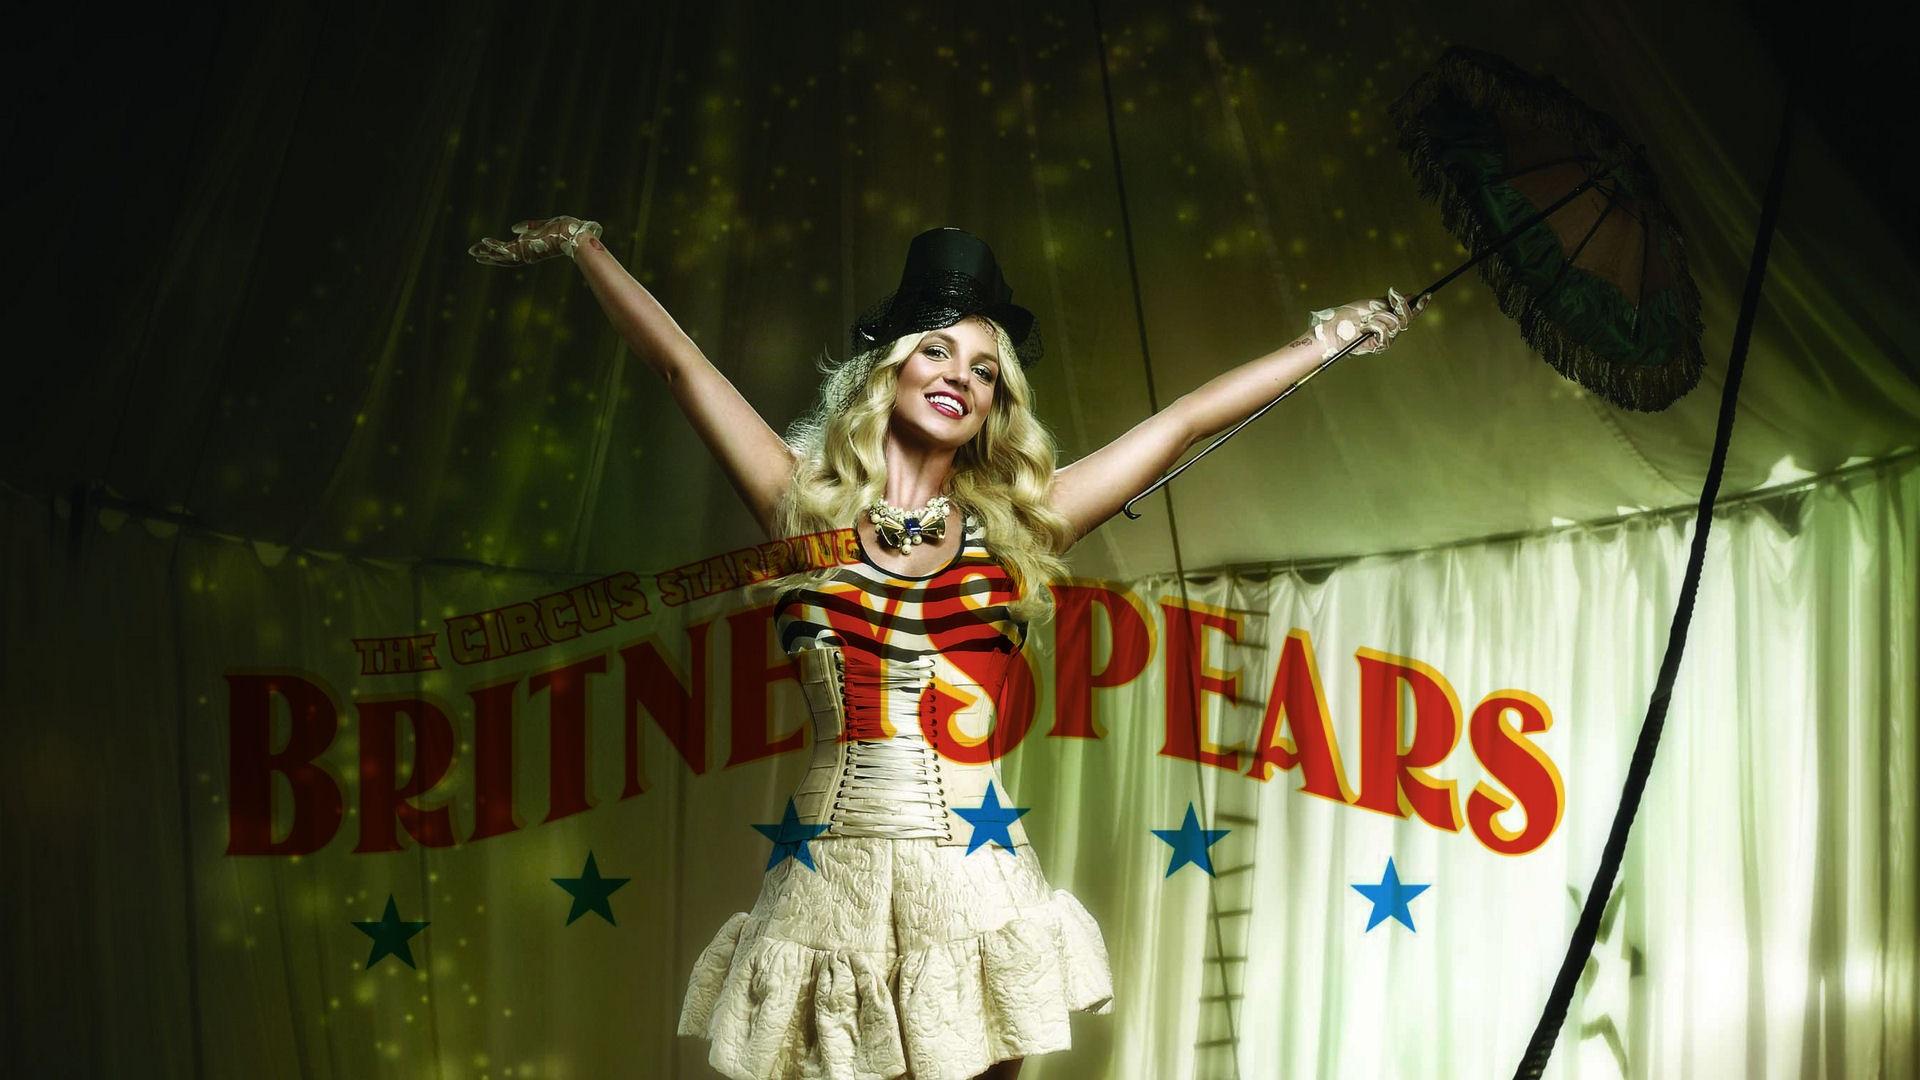 britney spears circus album